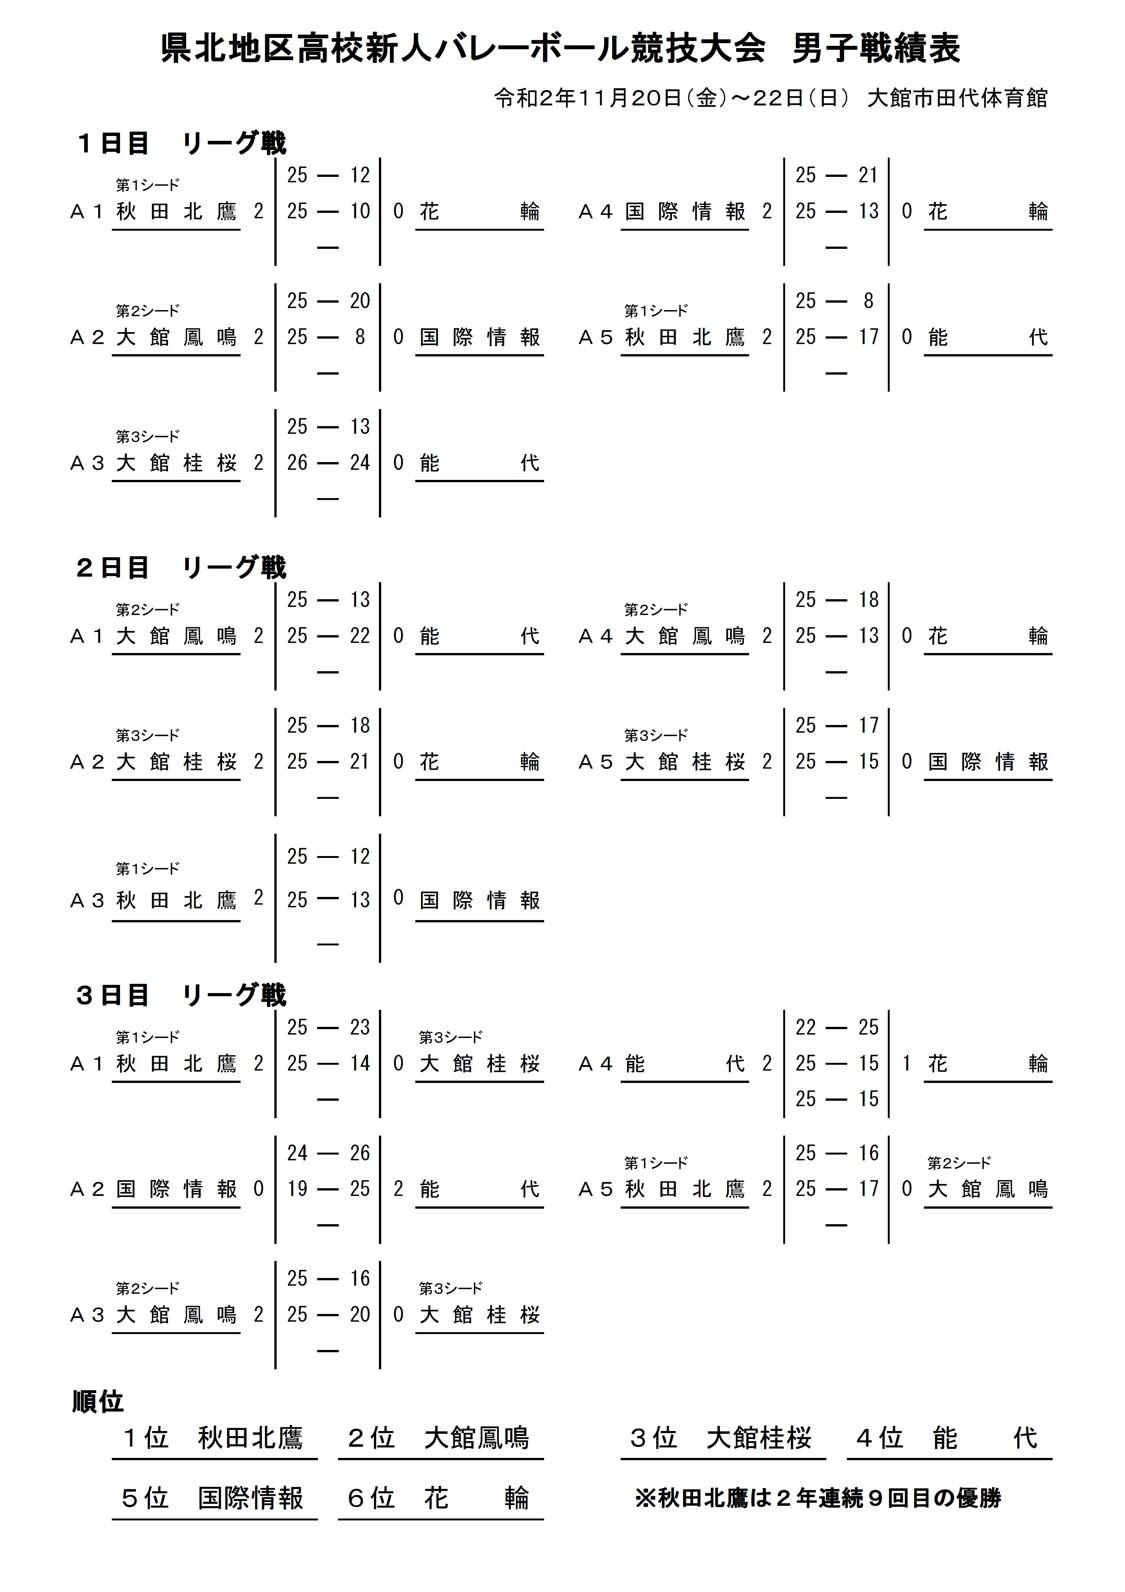 2020年度_高校新人大会_秋田_県北地区_男子_最終結果